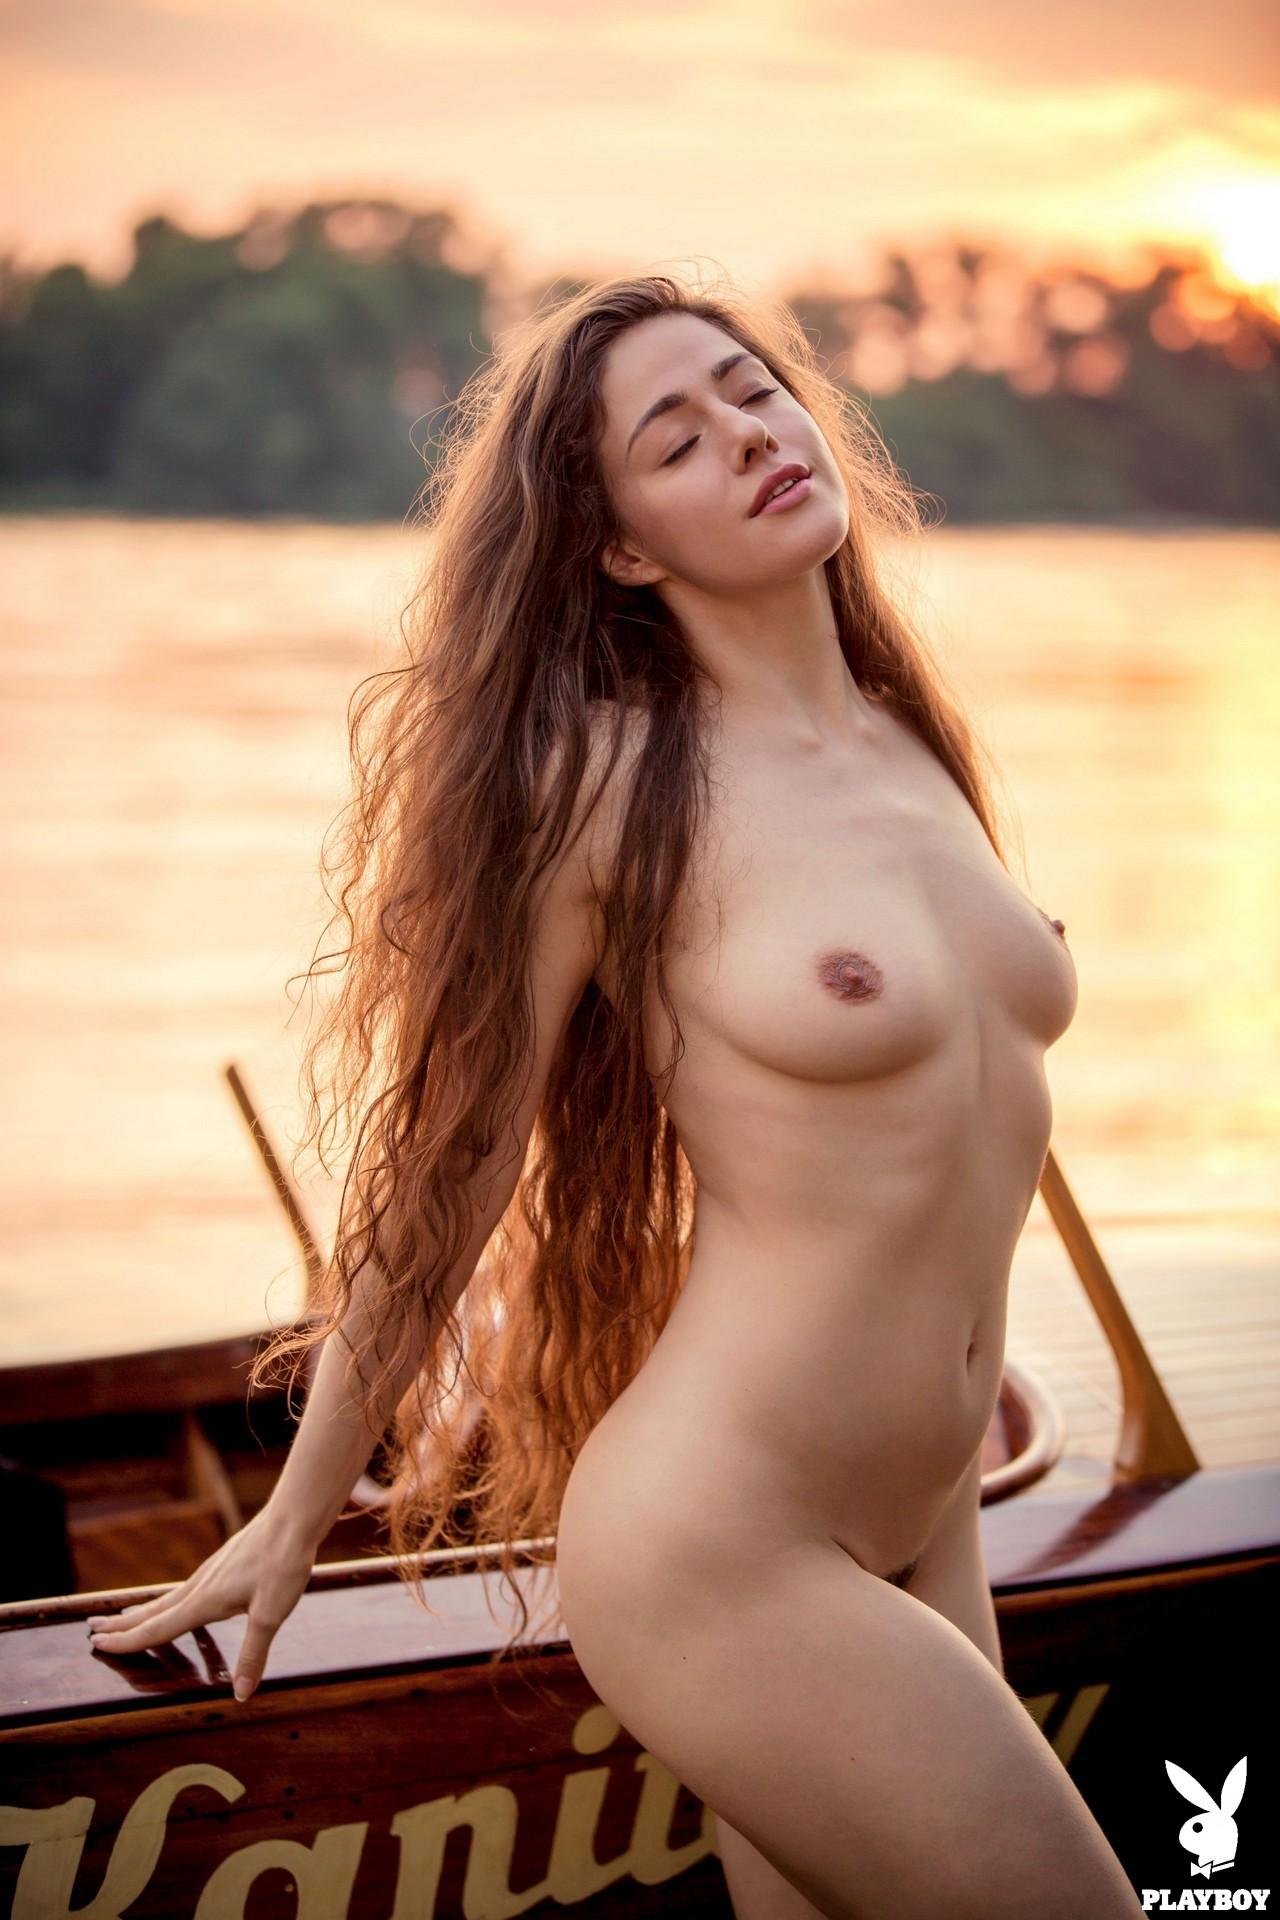 Joy Draiki in Sensational Voyage - Playboy Plus 11